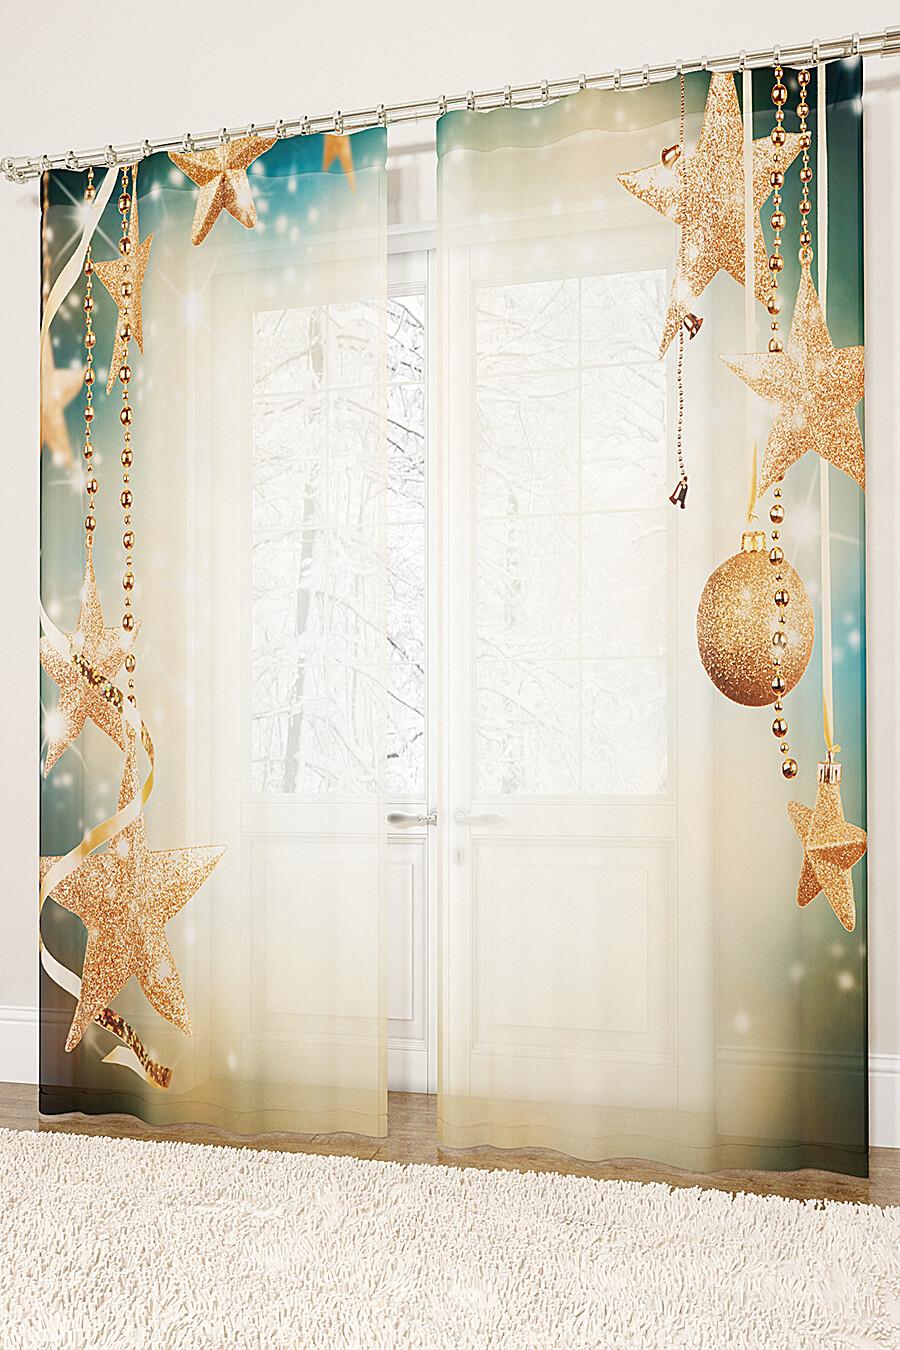 Фототюль для дома ART HOME TEXTILE 155708 купить оптом от производителя. Совместная покупка товаров для дома в OptMoyo